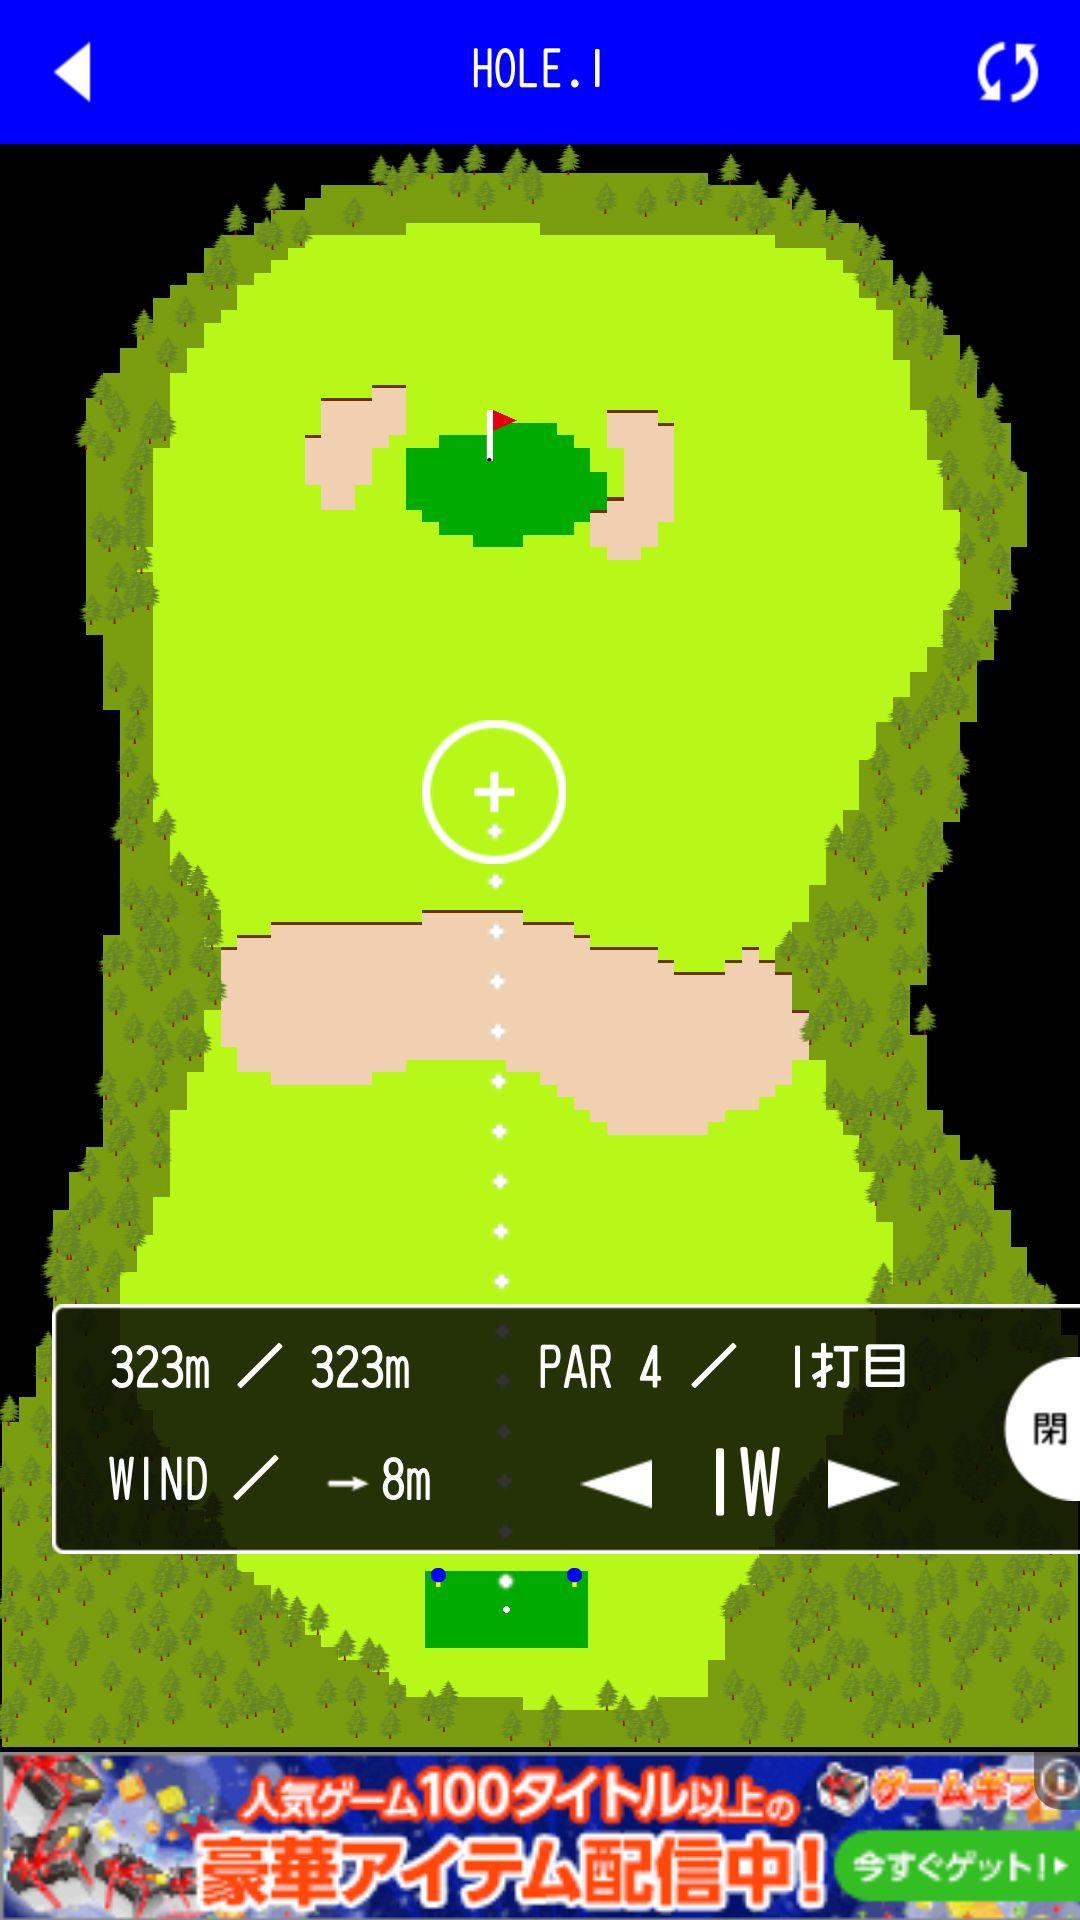 androidアプリ ゴルフ -THE GOLF-攻略スクリーンショット2